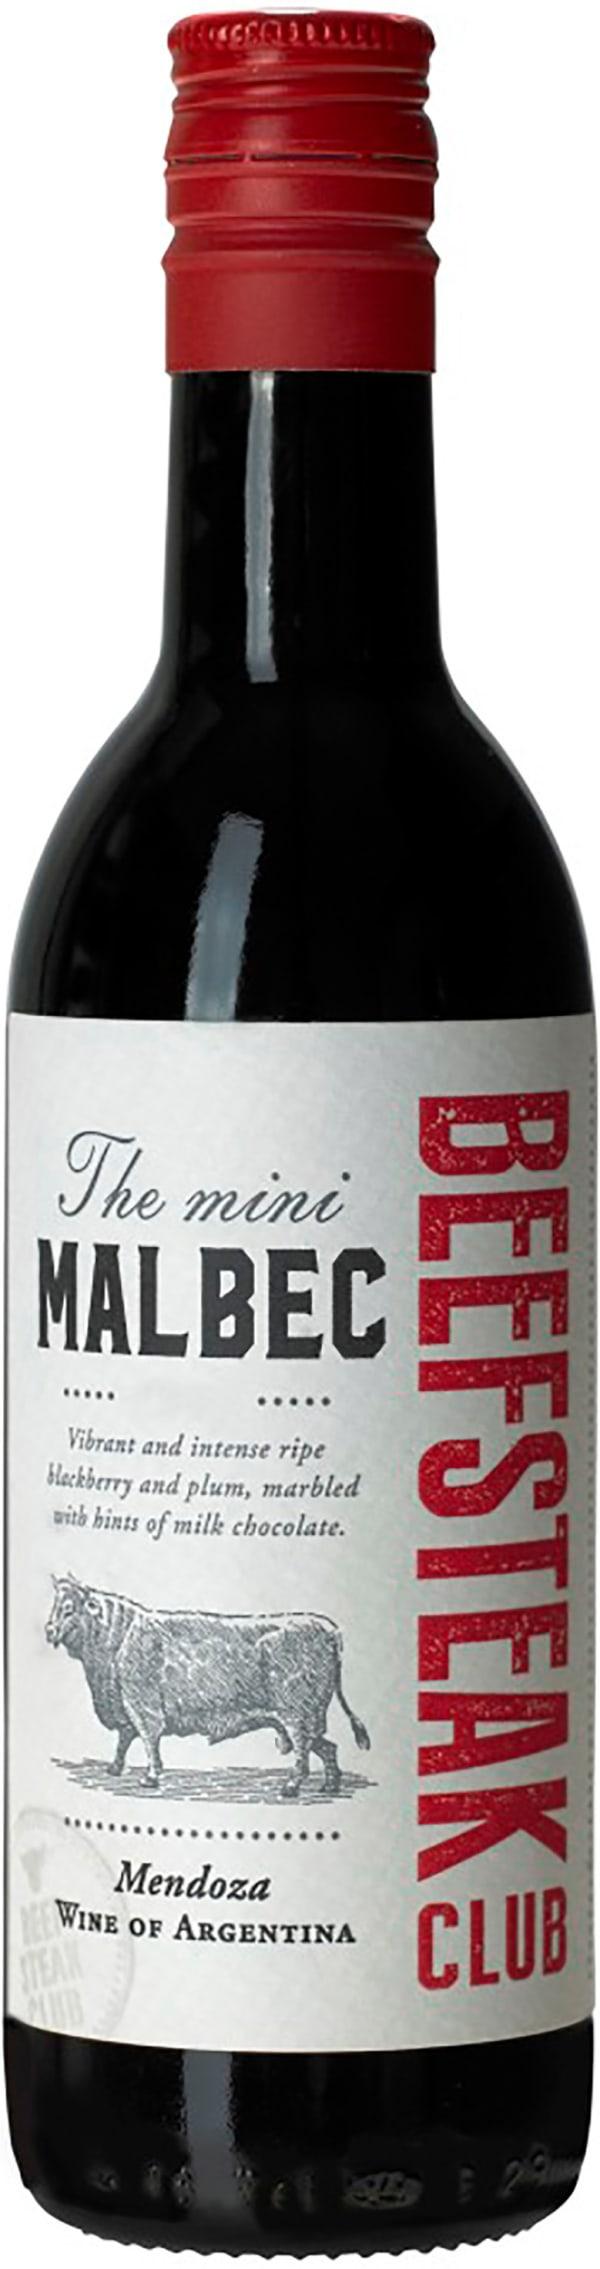 Beefsteak Club The Mini Malbec 2019